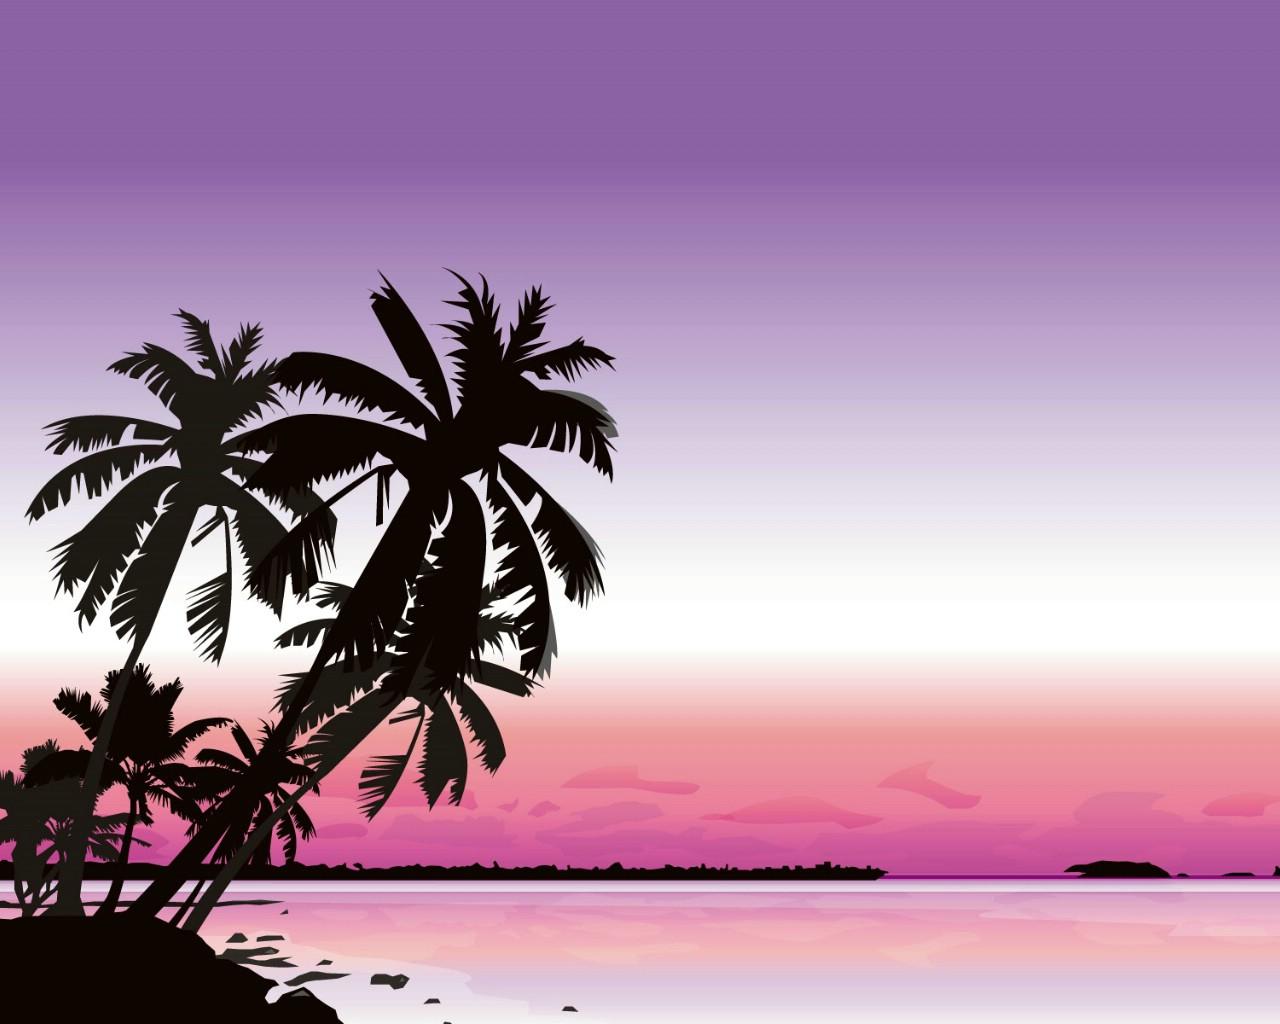 壁纸1280×1024矢量夏日海滩 1 14壁纸 矢量风光 矢量夏日海滩 第一辑壁纸图片矢量壁纸矢量图片素材桌面壁纸